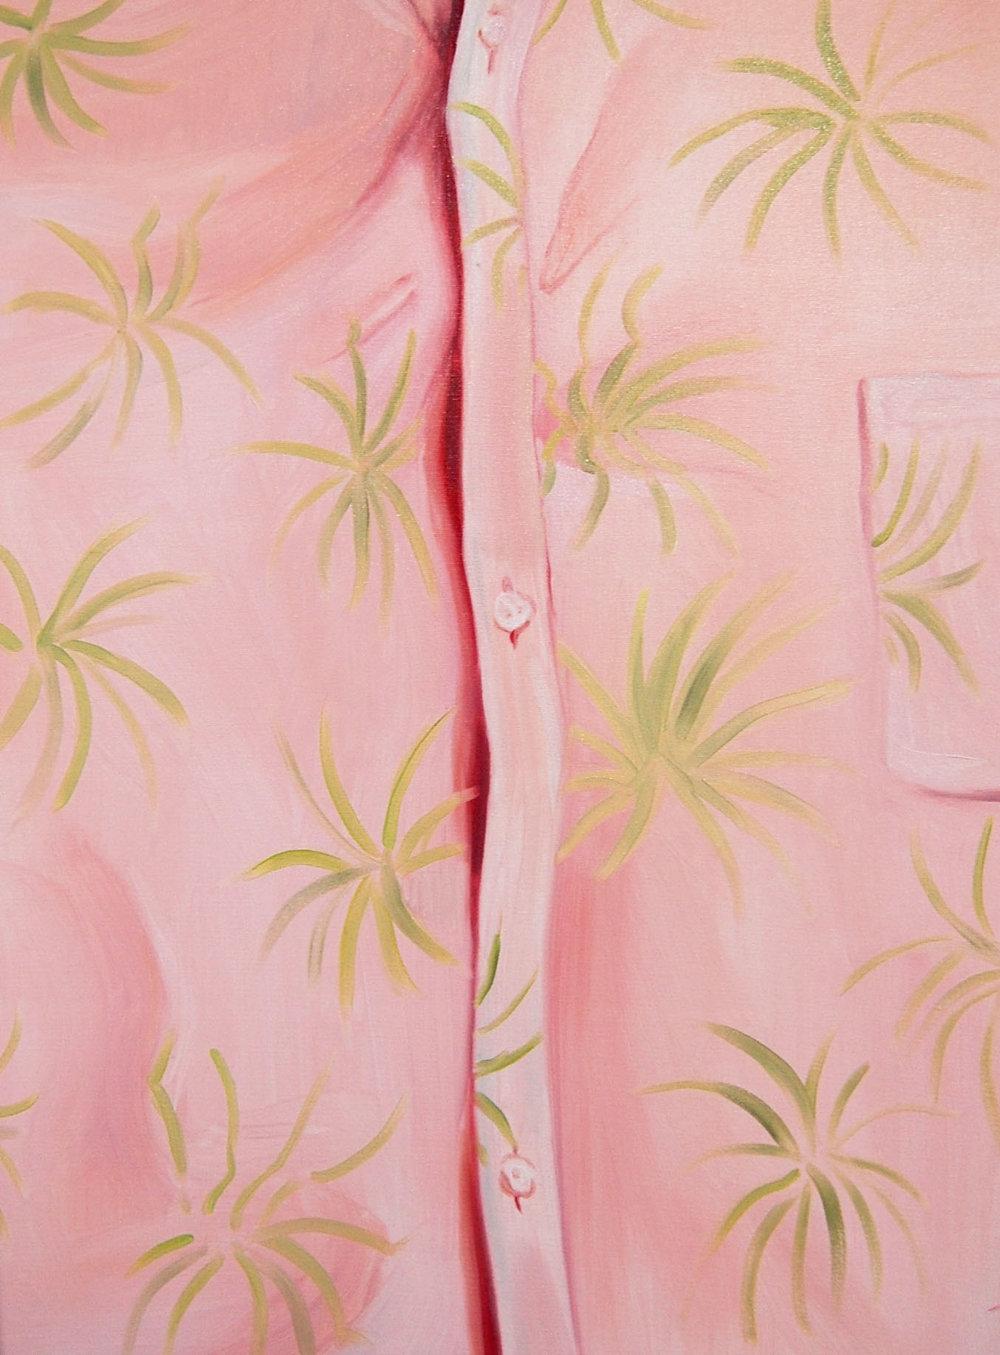 Aglaé Bassens, Pink Shirt